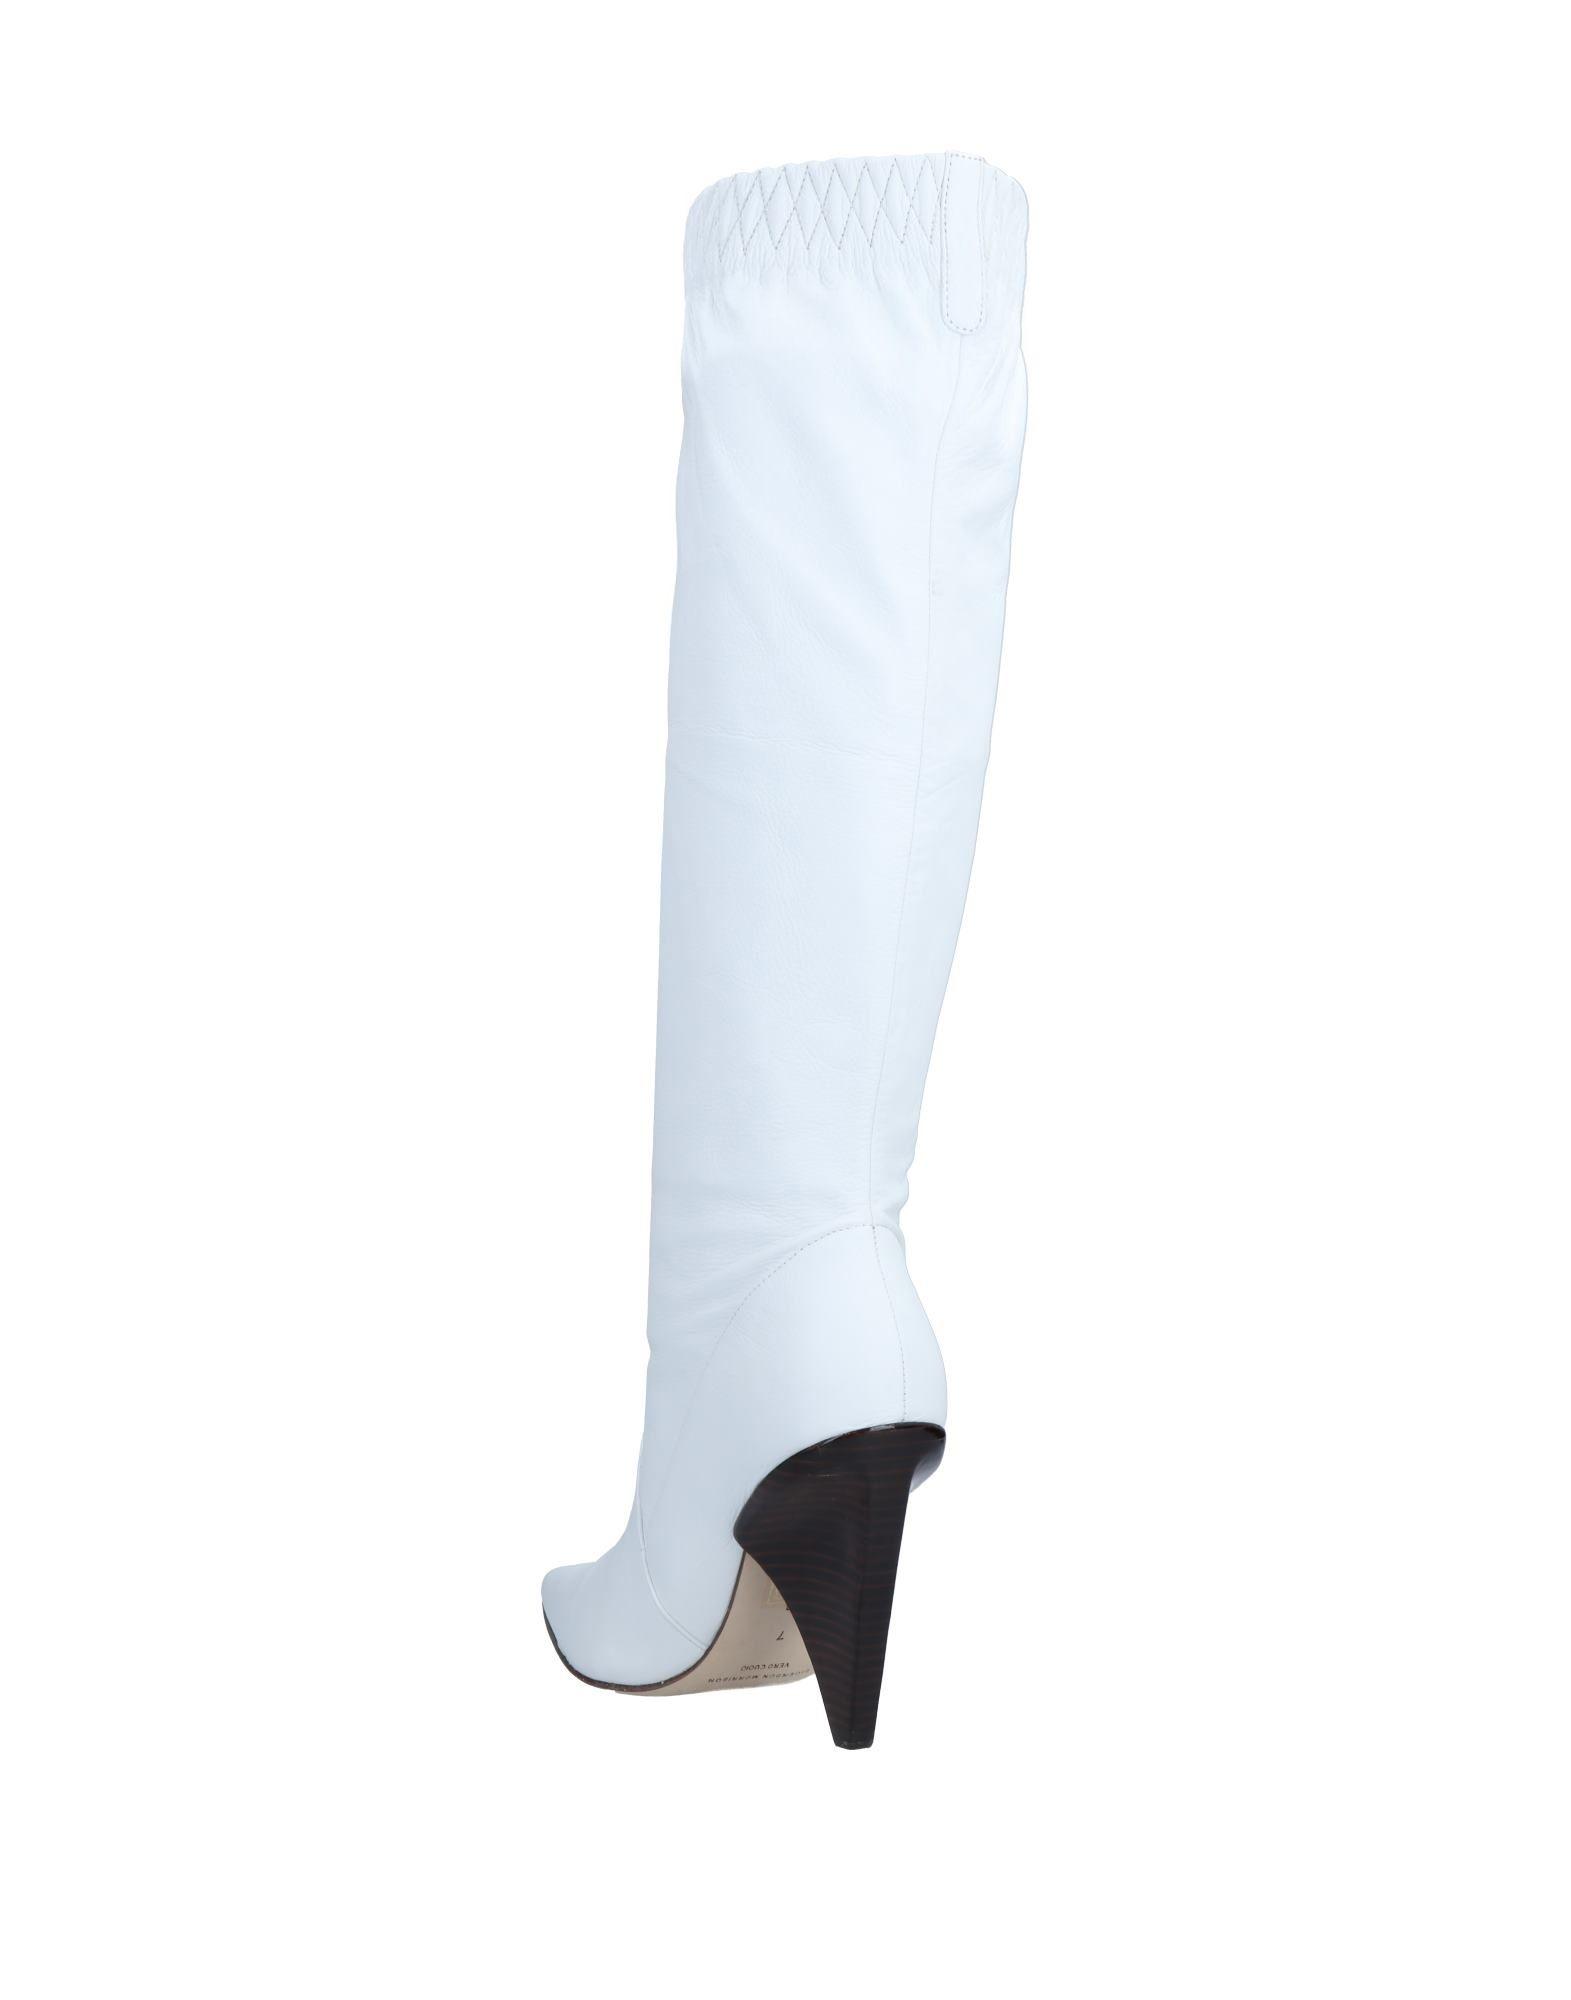 c'morrison bottes - femmes femmes - c'morrison bottes en ligne sur canada cbecee